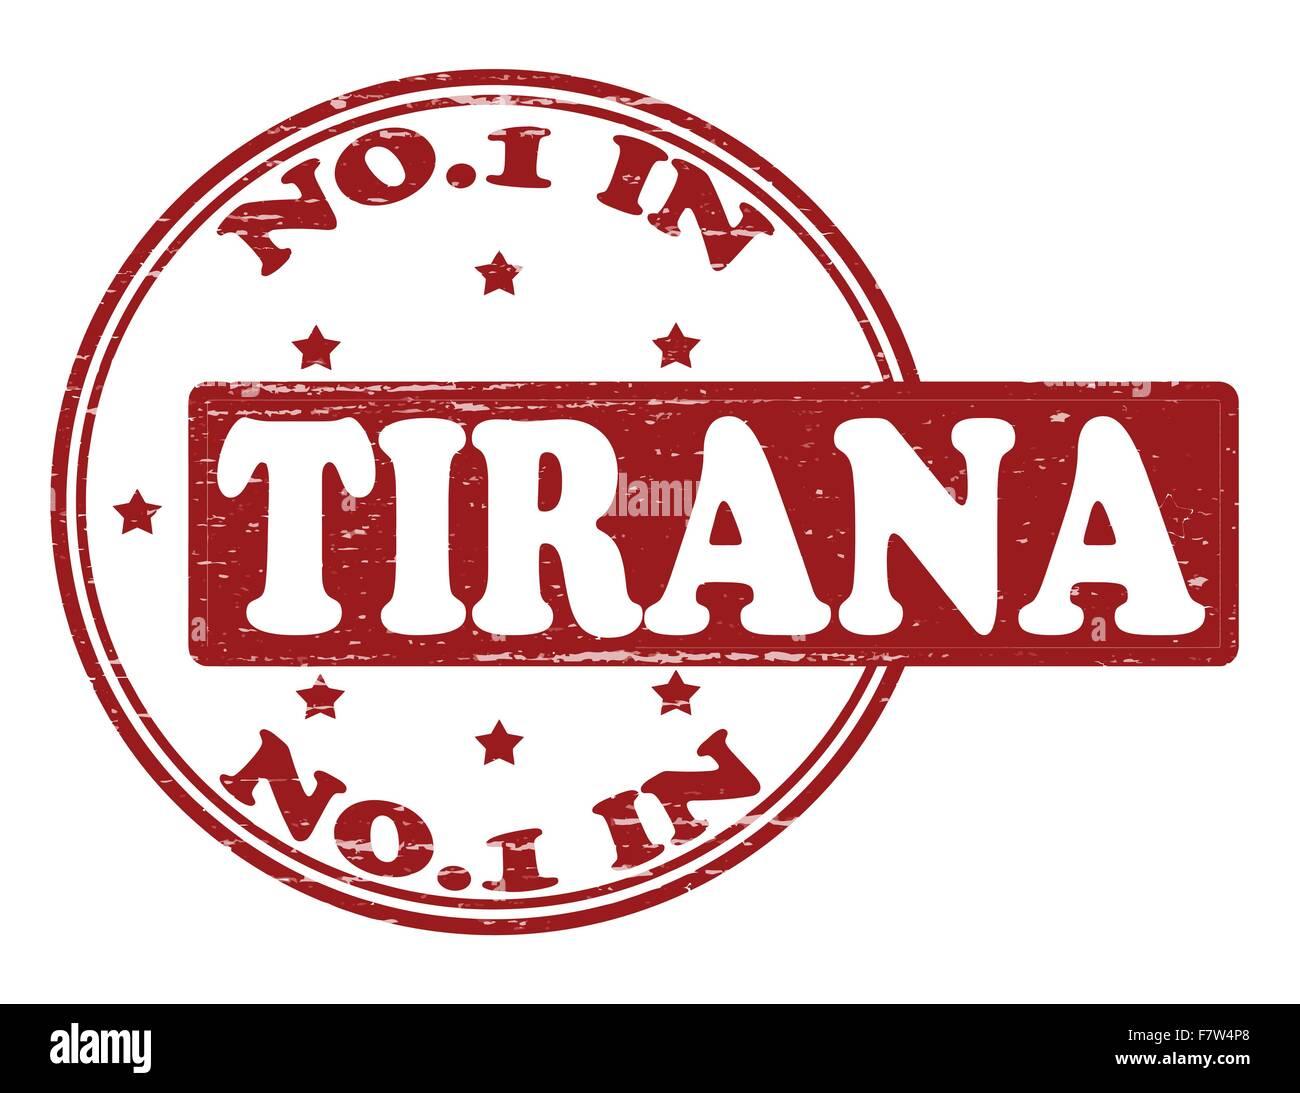 No one in Tirana - Stock Vector